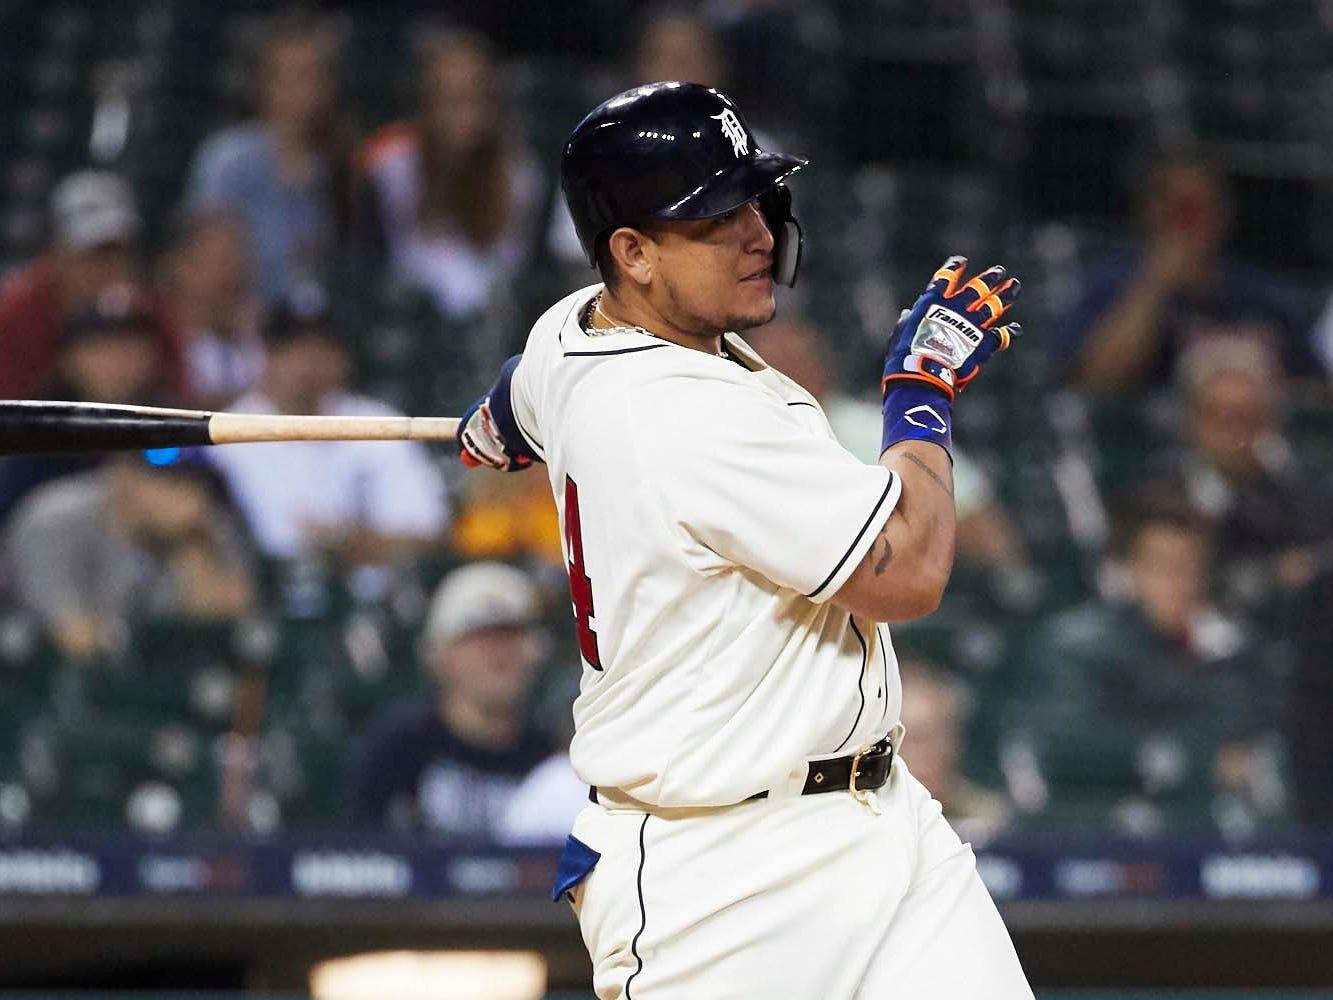 1B Miguel Cabrera, Tigers: $30,000,000